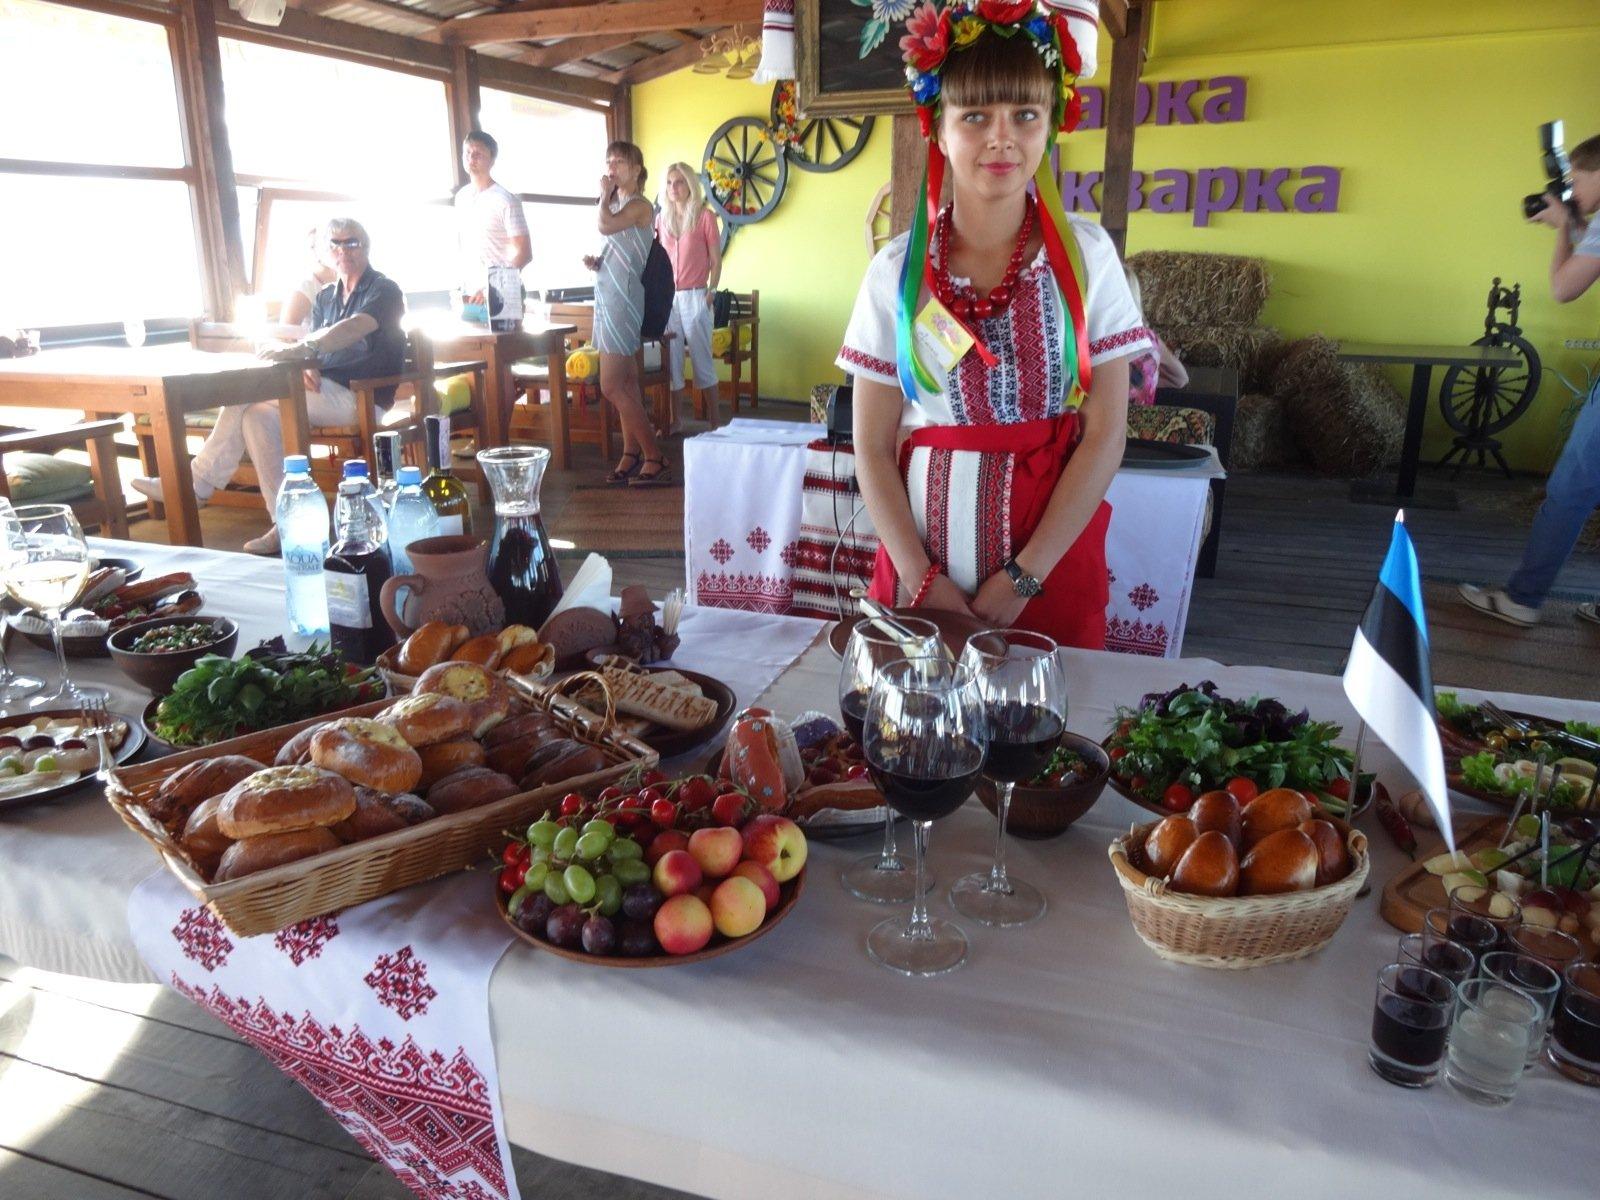 Eestlaste toetusfestival:  Odessa, me oleme sinuga!